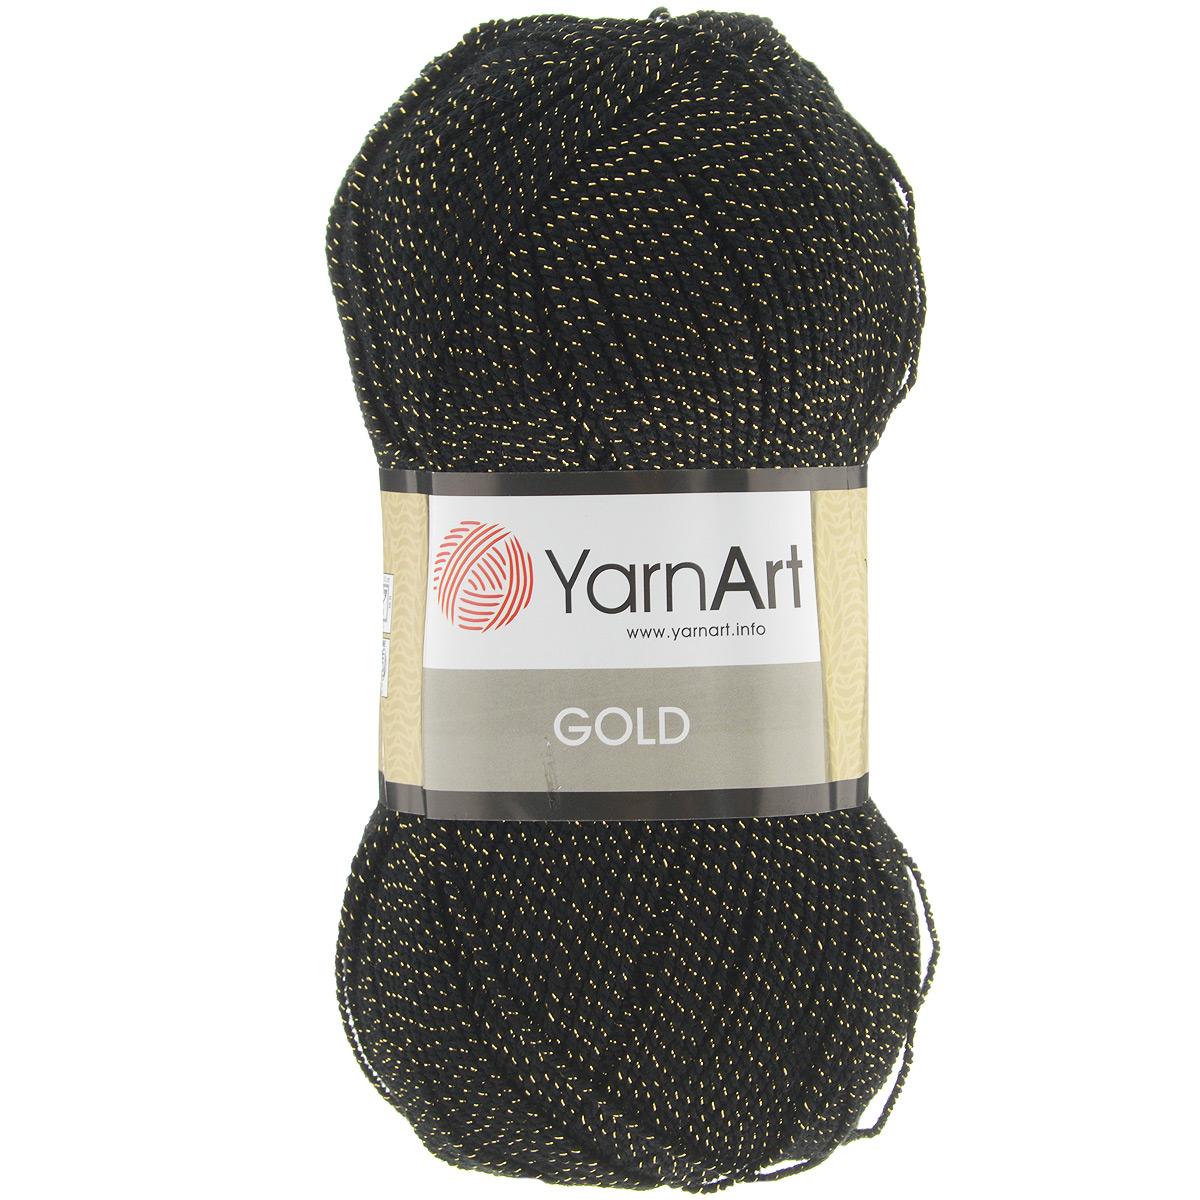 Пряжа для вязания YarnArt Gold, цвет: черный, золотистый (9004), 400 м, 100 г, 5 шт372007_9004Мерцающая нитка с люрексом для вязания эффектных вещей, тонкая, мягкая, нежная, приятная на ощупь. Пряжа окрашена равномерно с помощью стойких высококачественных красителей, нить плотно скручена, люрекс не выбивается в процессе вязания, петли ложатся равномерно. YarnArt Gold - декоративная пряжа с широкой цветовой палитрой, предназначенная для демисезонной одежды. Акрил защищает готовое изделие от закошлачивания, деформации после стирки и сушки. Нить гибкая и эластичная, хорошо тянется, превосходно сохраняет форму после носки. Изысканная пряжа для создания вечерних нарядов выглядит дорого и стильно. Кроме традиционного золотистого и серебристого, люрекс предлагается в тон нити - синий, зеленый, бежевый и т.д. Таким образом, блеск получается ненавязчивым, гармоничным, приятным глазу. YarnArt Gold выглядит красиво в болеро, свитерах, палантинах, шалях, шапках, шарфах, перчатках, гетрах, а также нарядных детских платьях, кофтах. Рекомендуется для вязания на спицах 2,75...